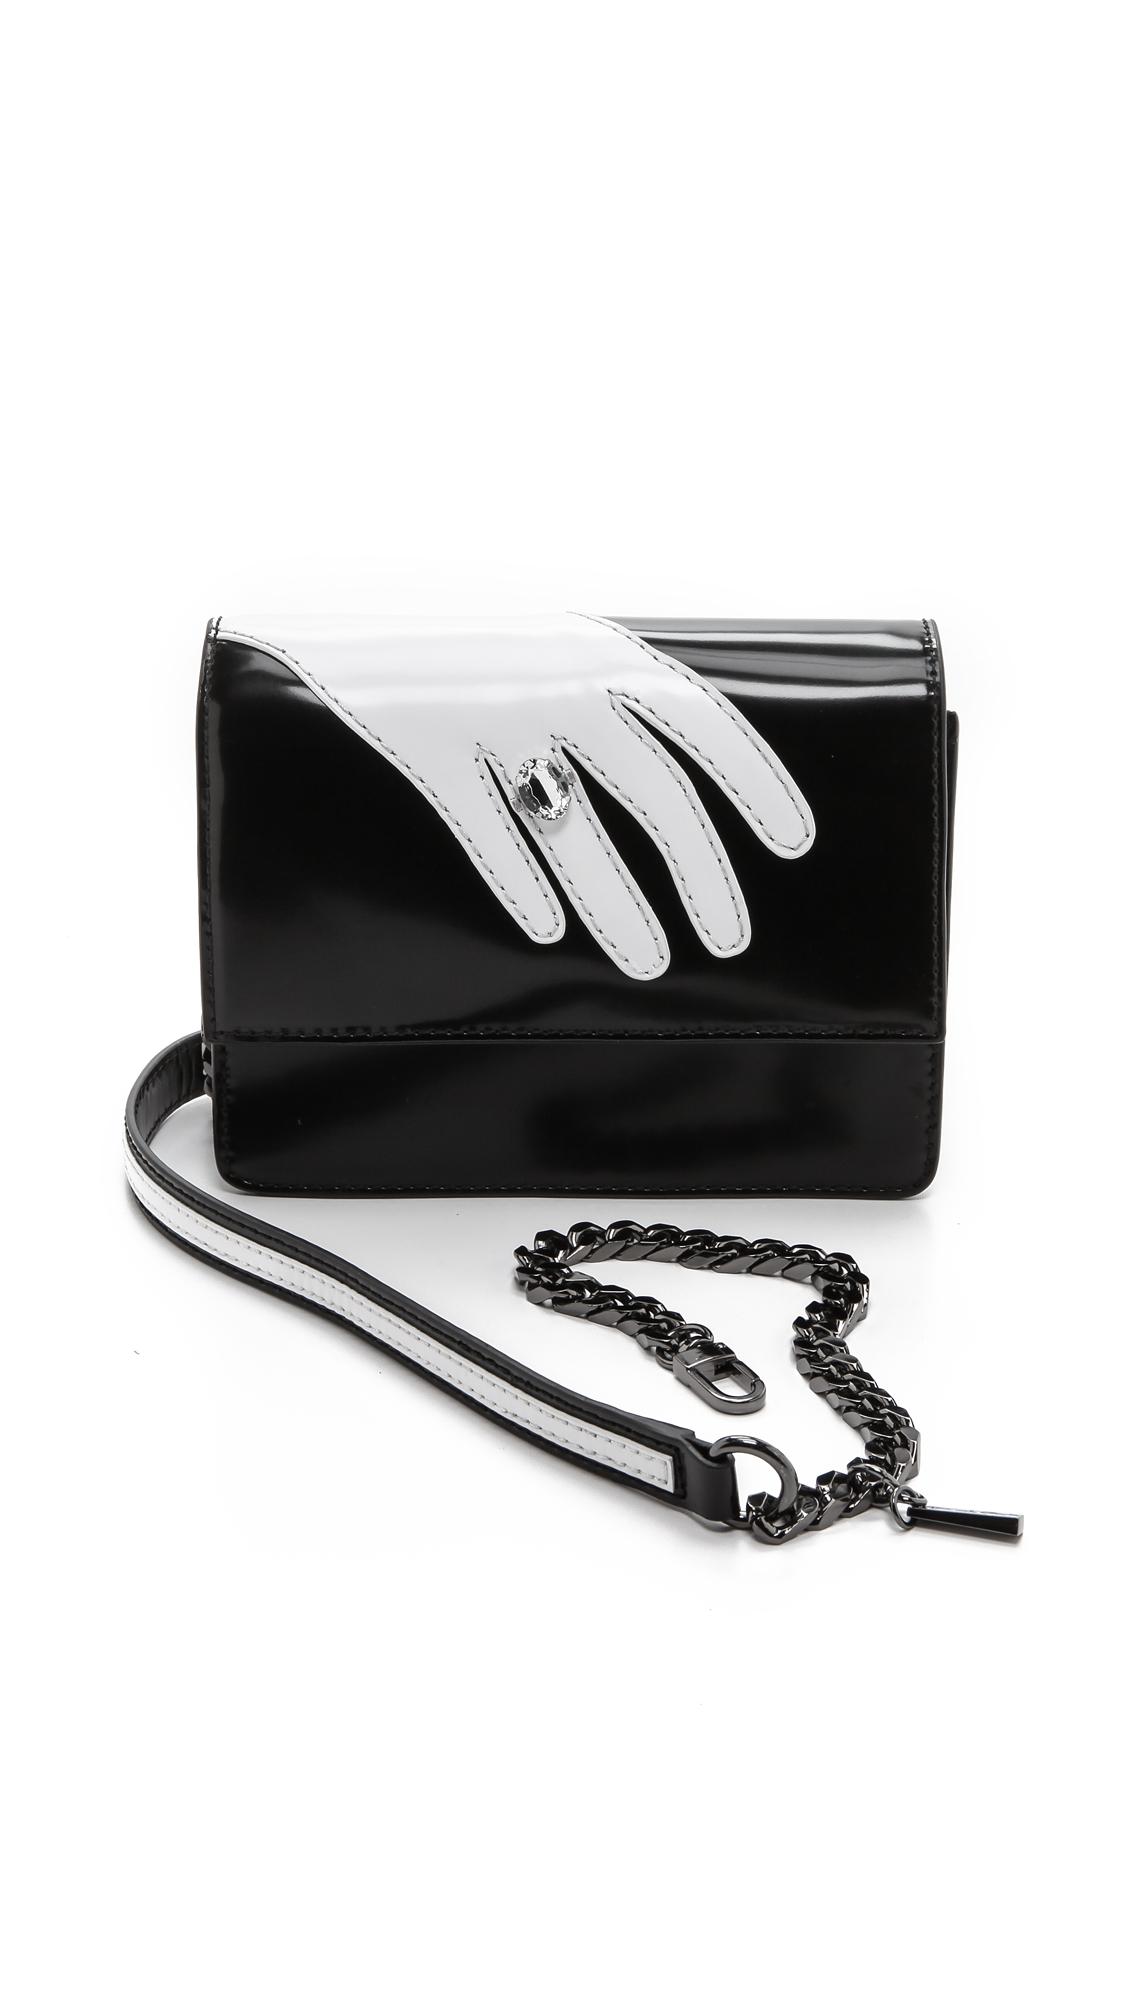 Alice + Olivia Alice Olivia Hand Clee Cross Body Bag Multi in Black - Lyst